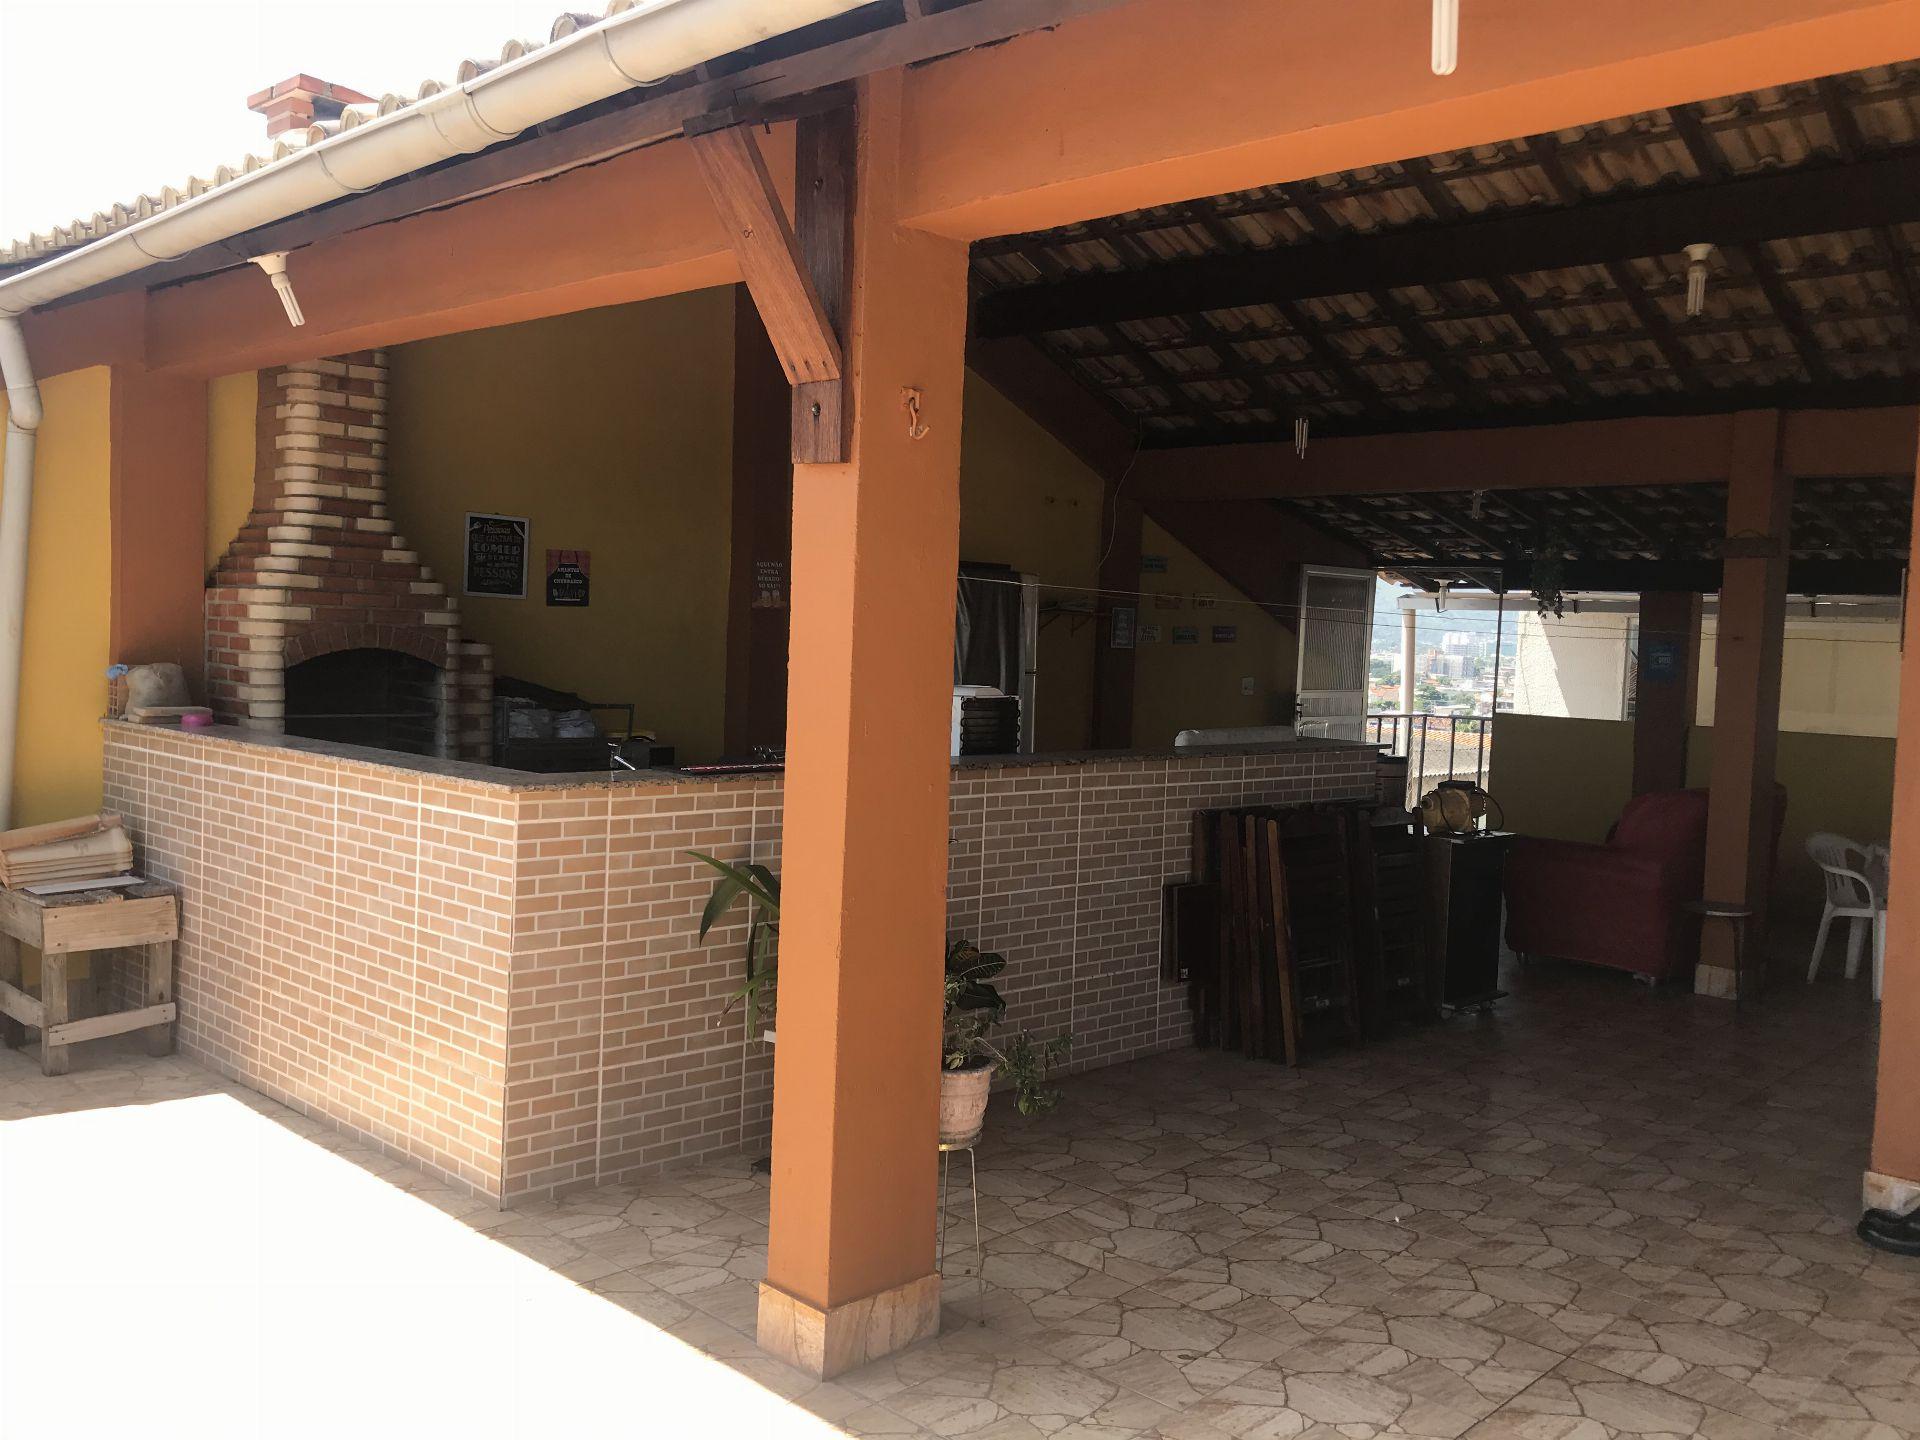 FOTO 18 - Casa em Condomínio à venda Rua Upiara,Bento Ribeiro, Rio de Janeiro - R$ 650.000 - RF215 - 19